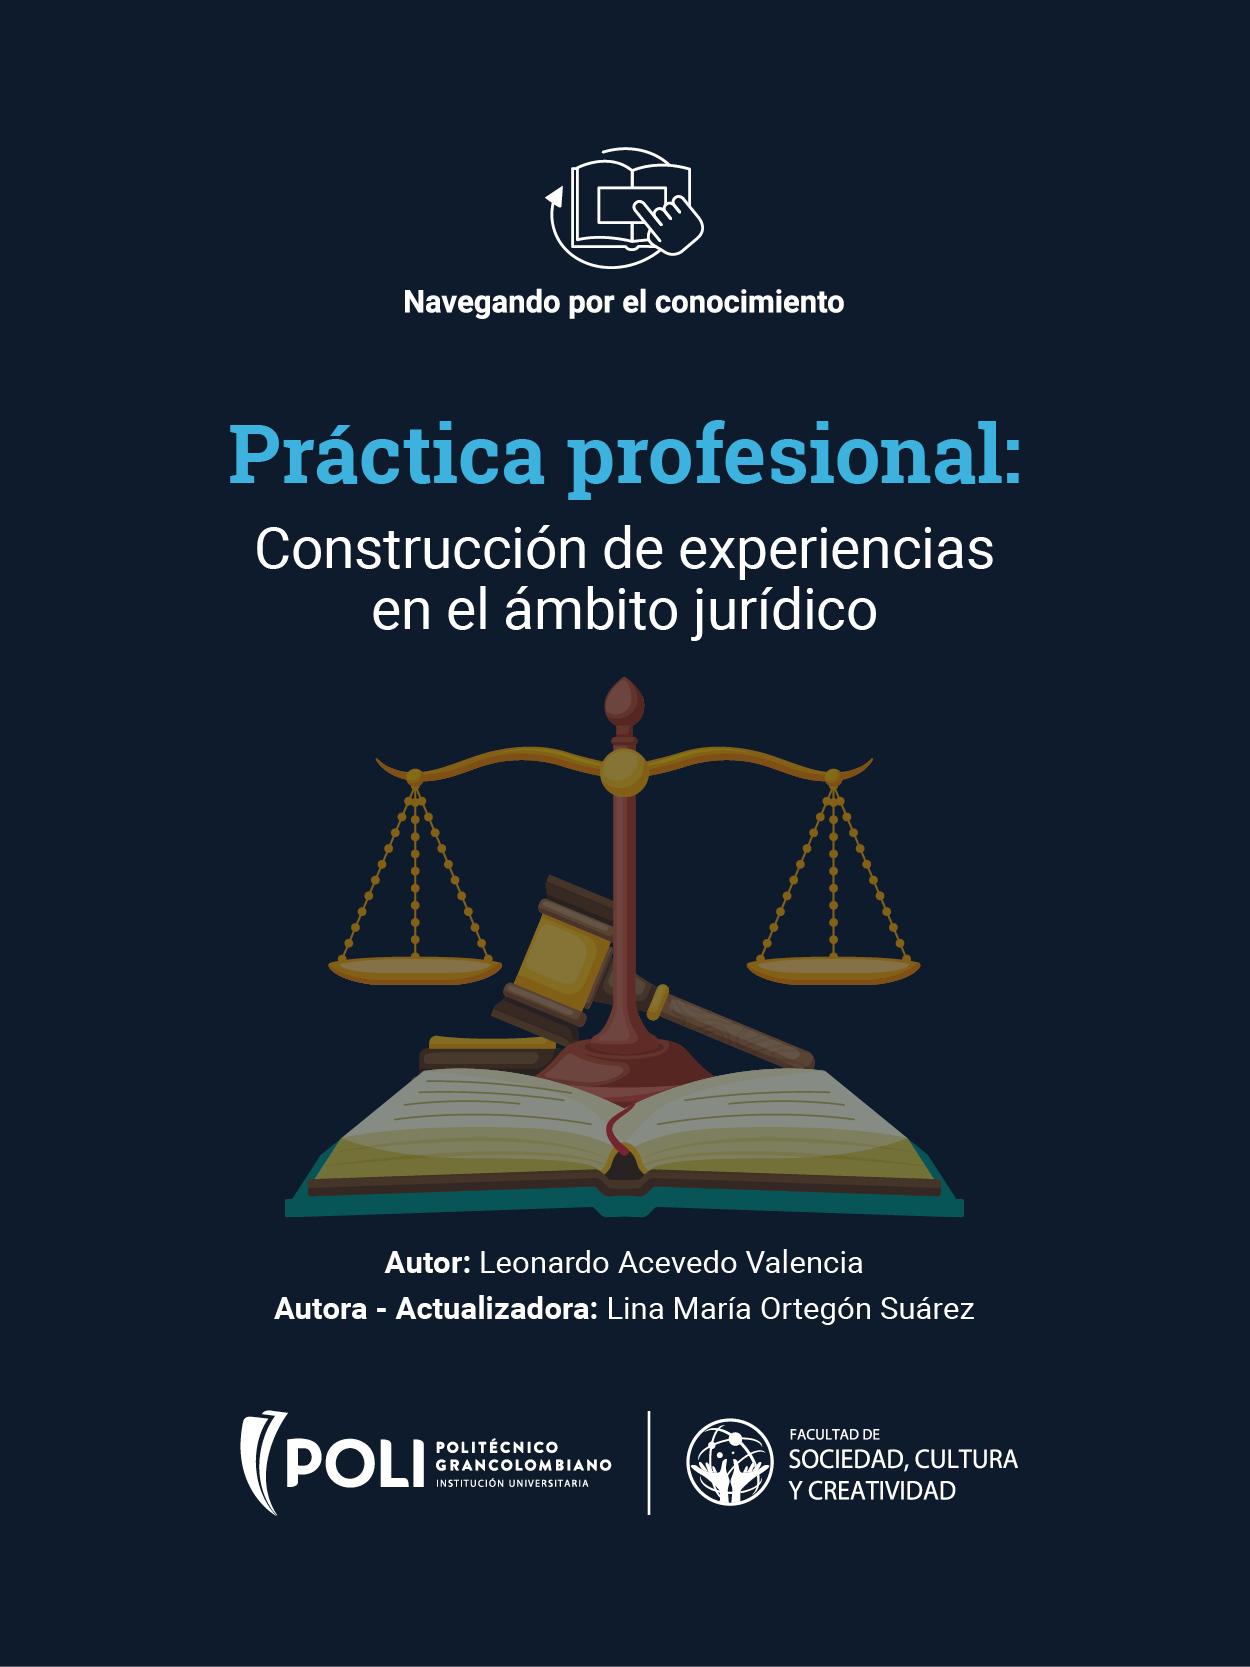 Práctica profesional: construcción de evidencias en el ámbito jurídico